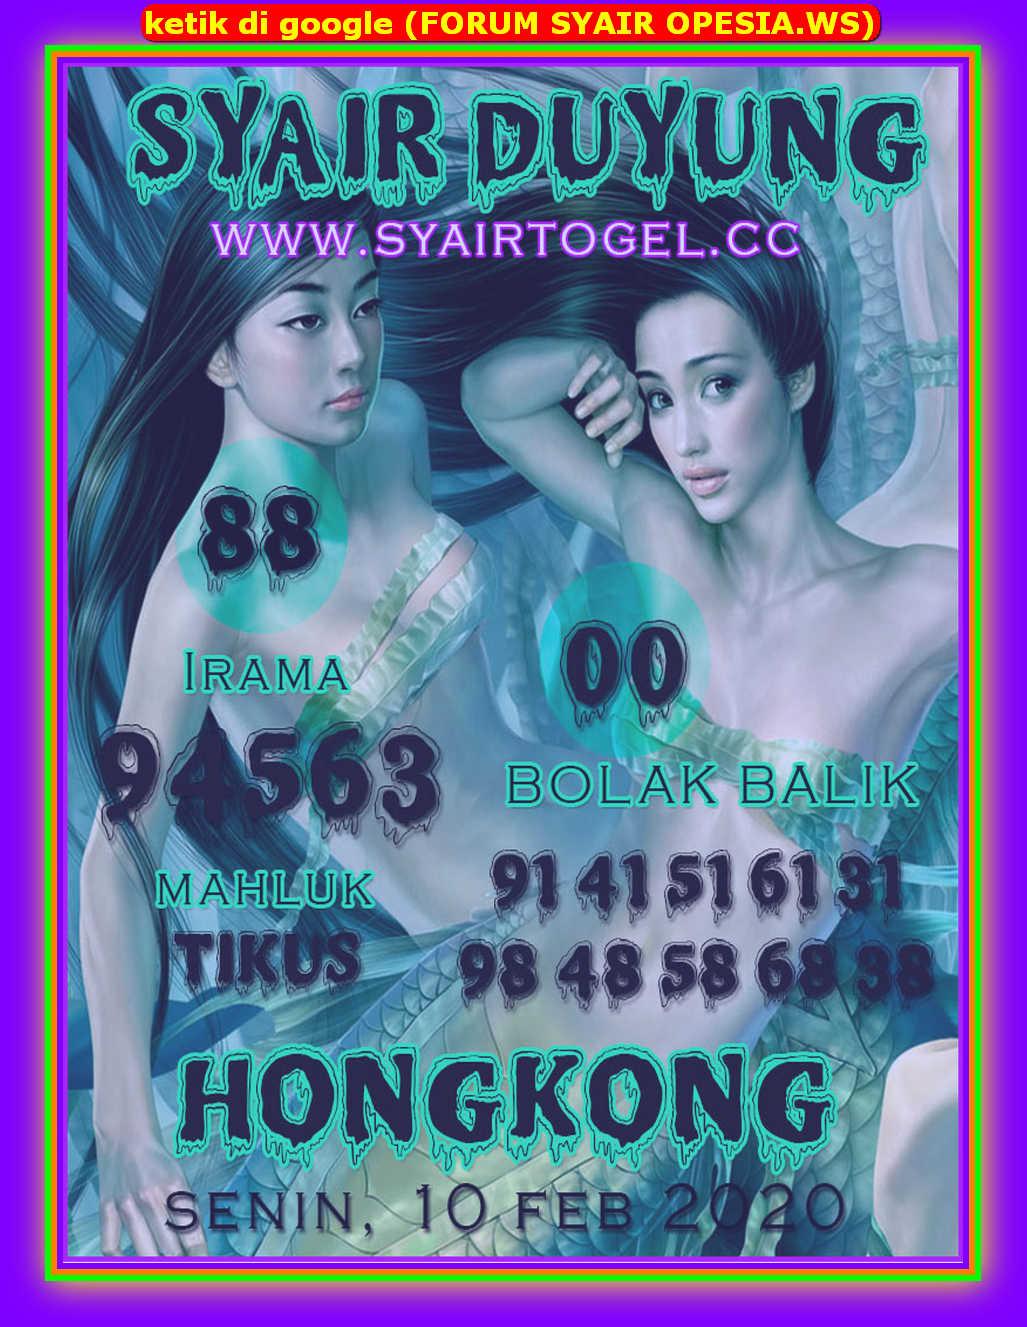 Kode syair Hongkong Senin 10 Februari 2020 175